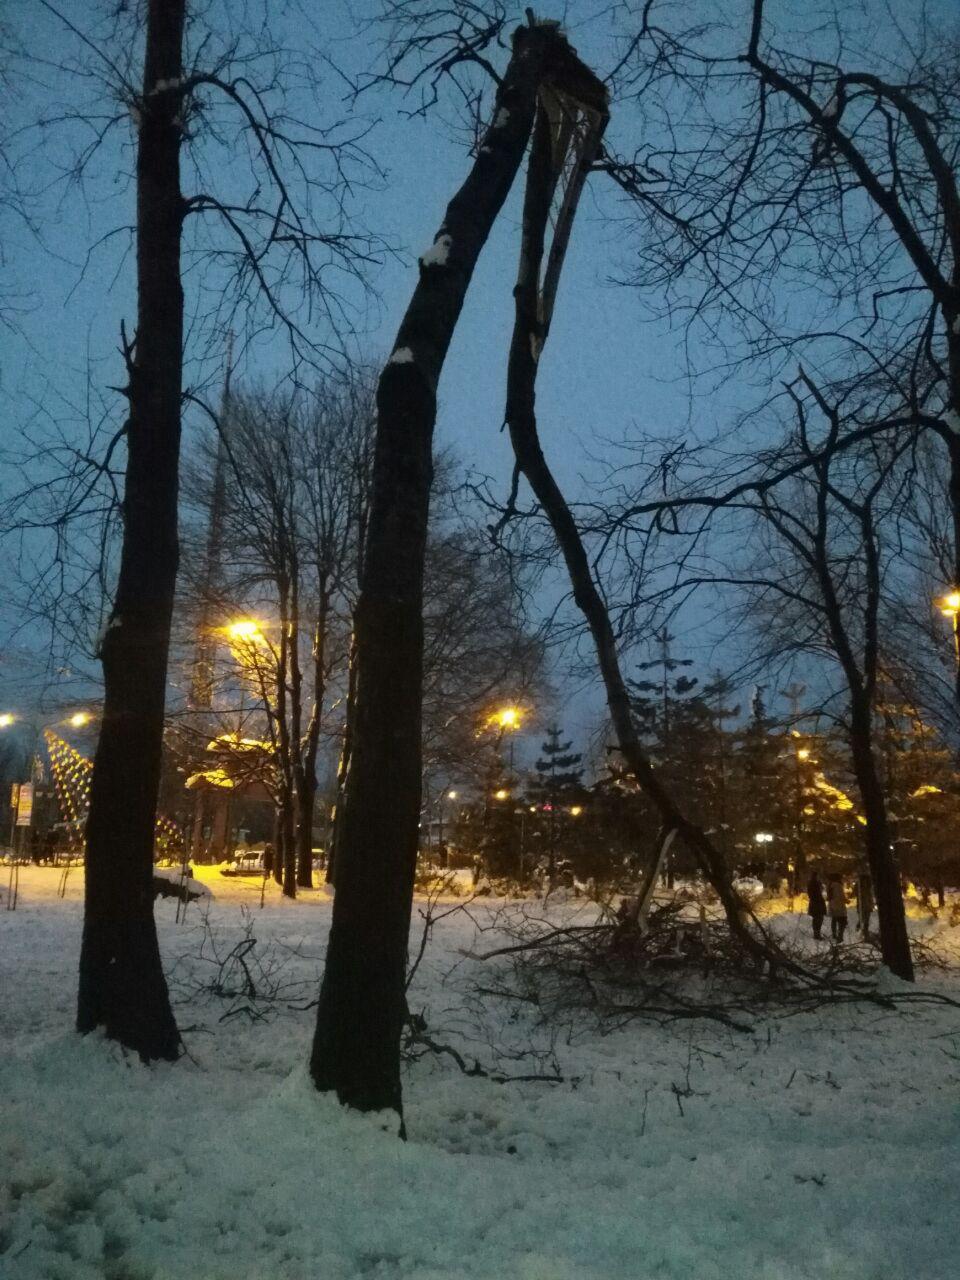 اختصاصی/برخی از درختان بوستان ملت رشت با خاک یکسان شدند